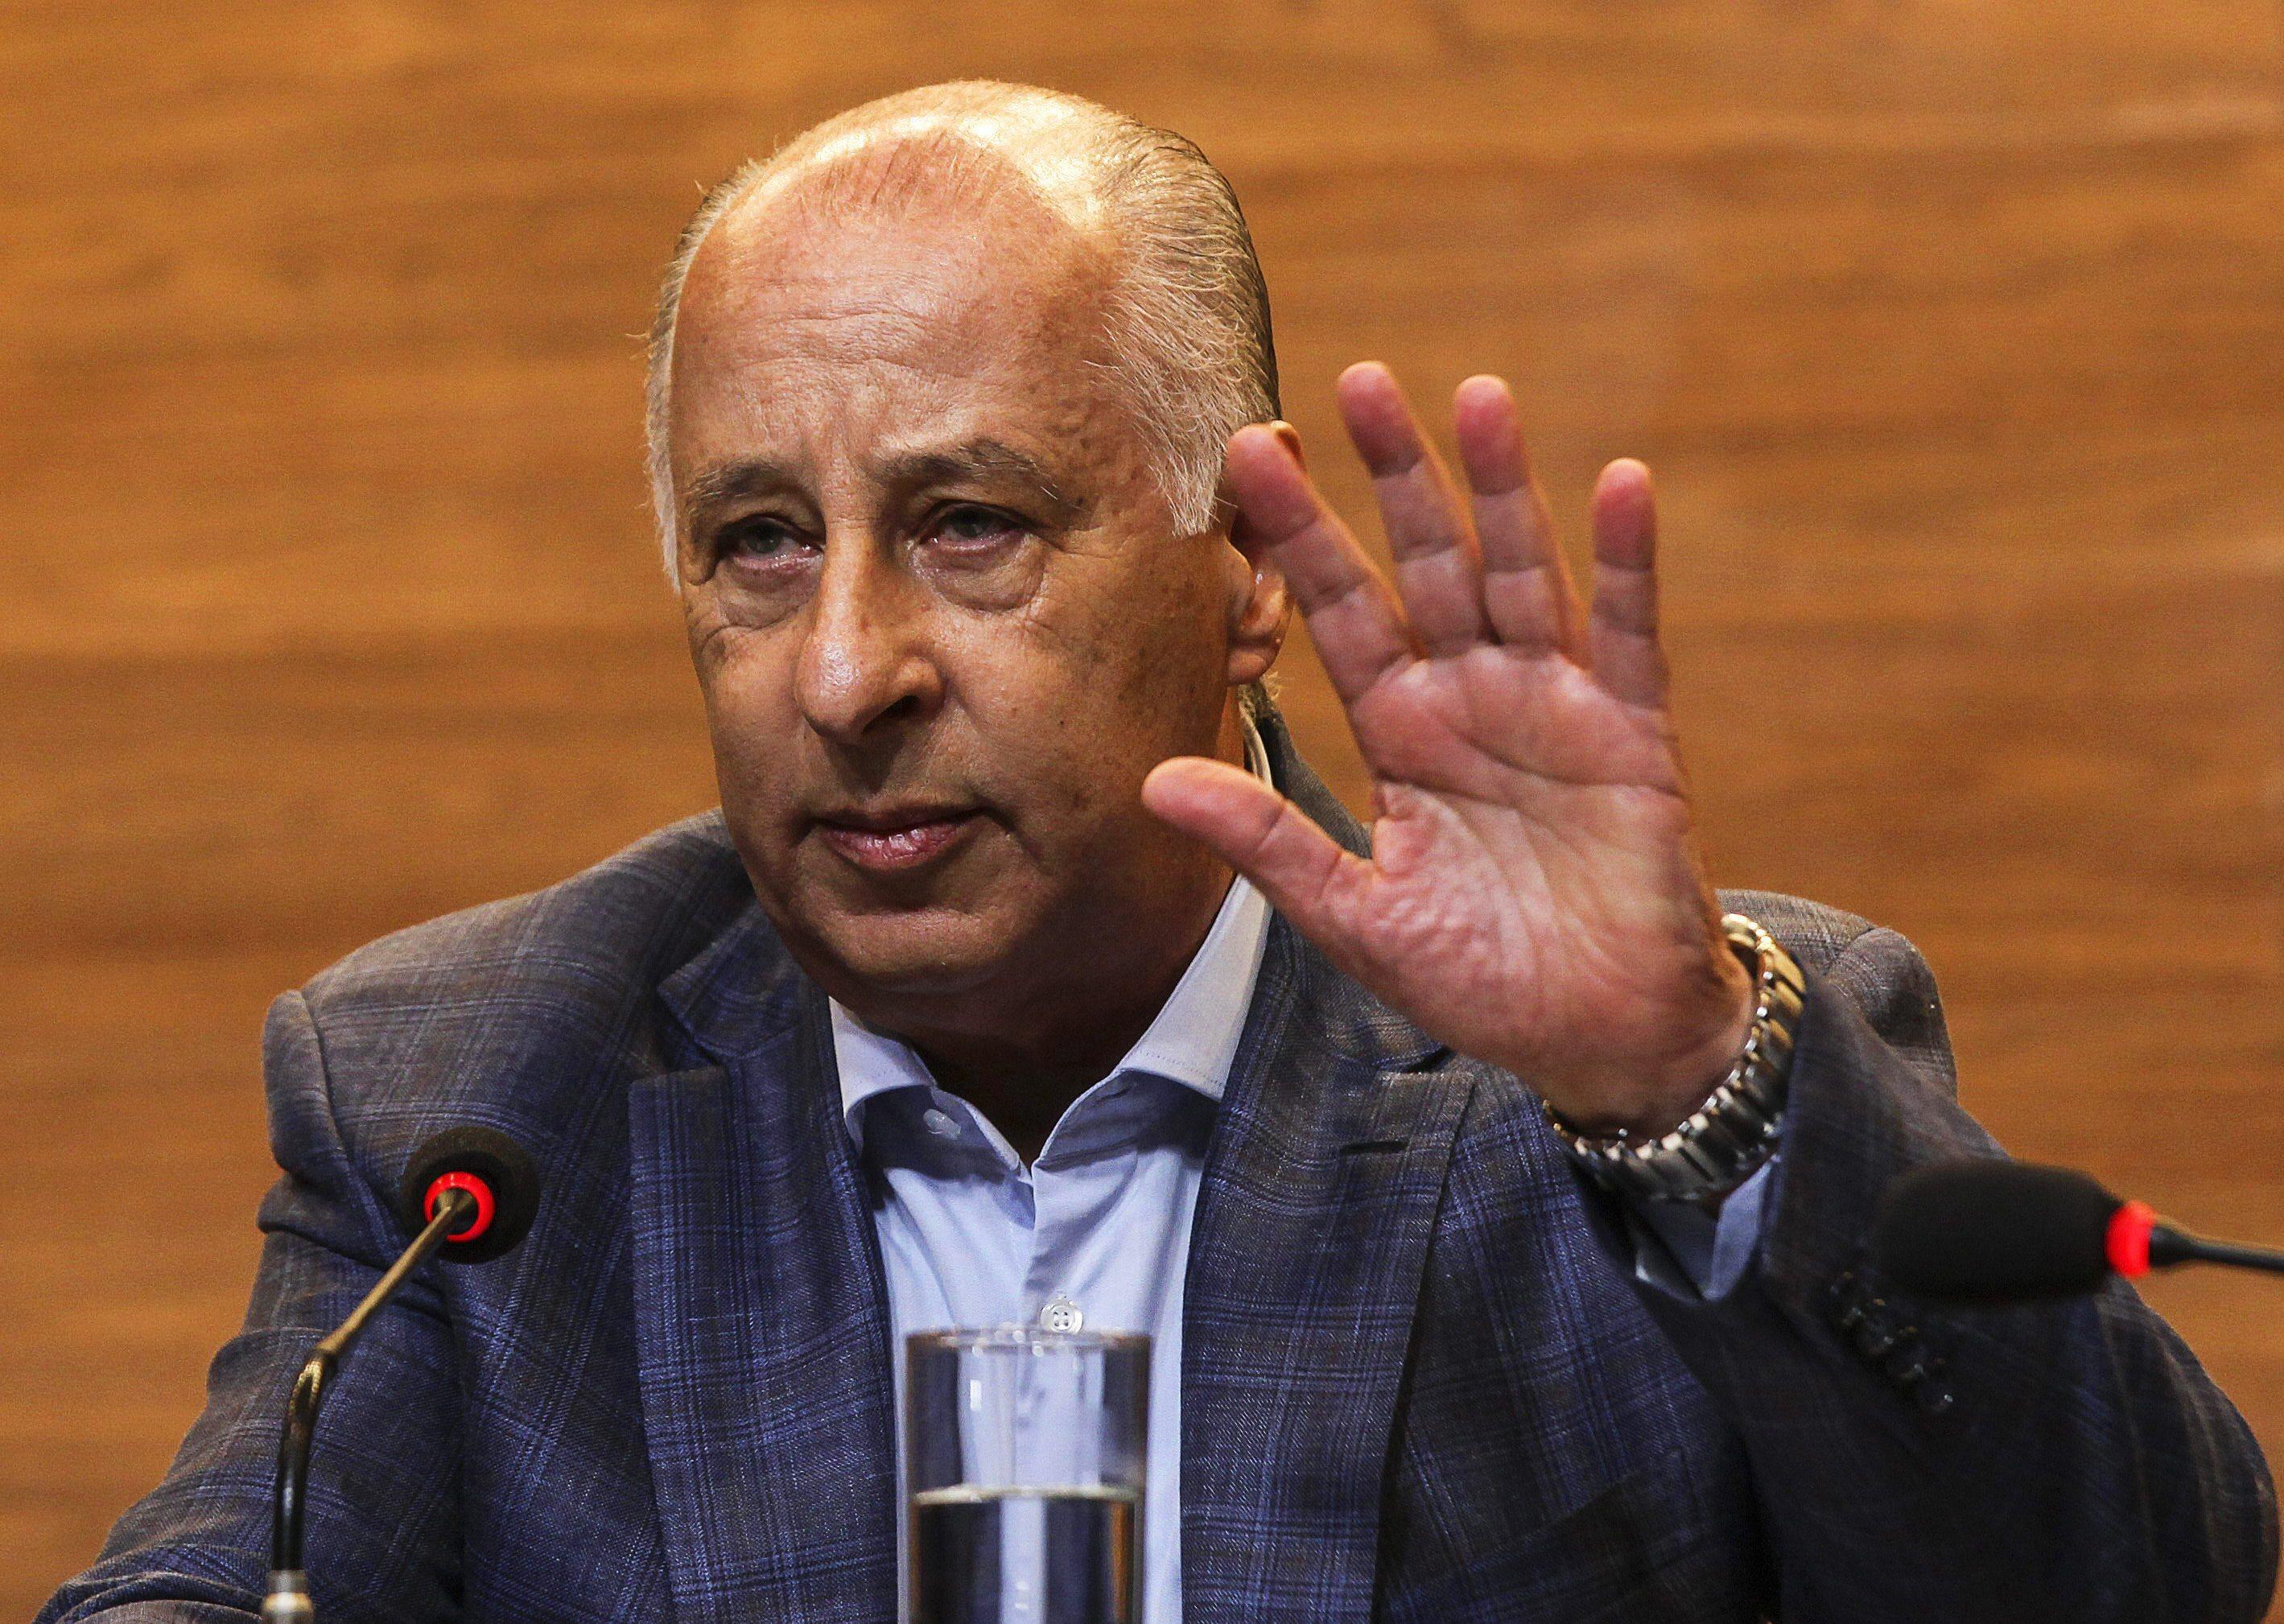 Presidente da Federação Brasileira de Futebol suspenso 90 dias pela FIFA